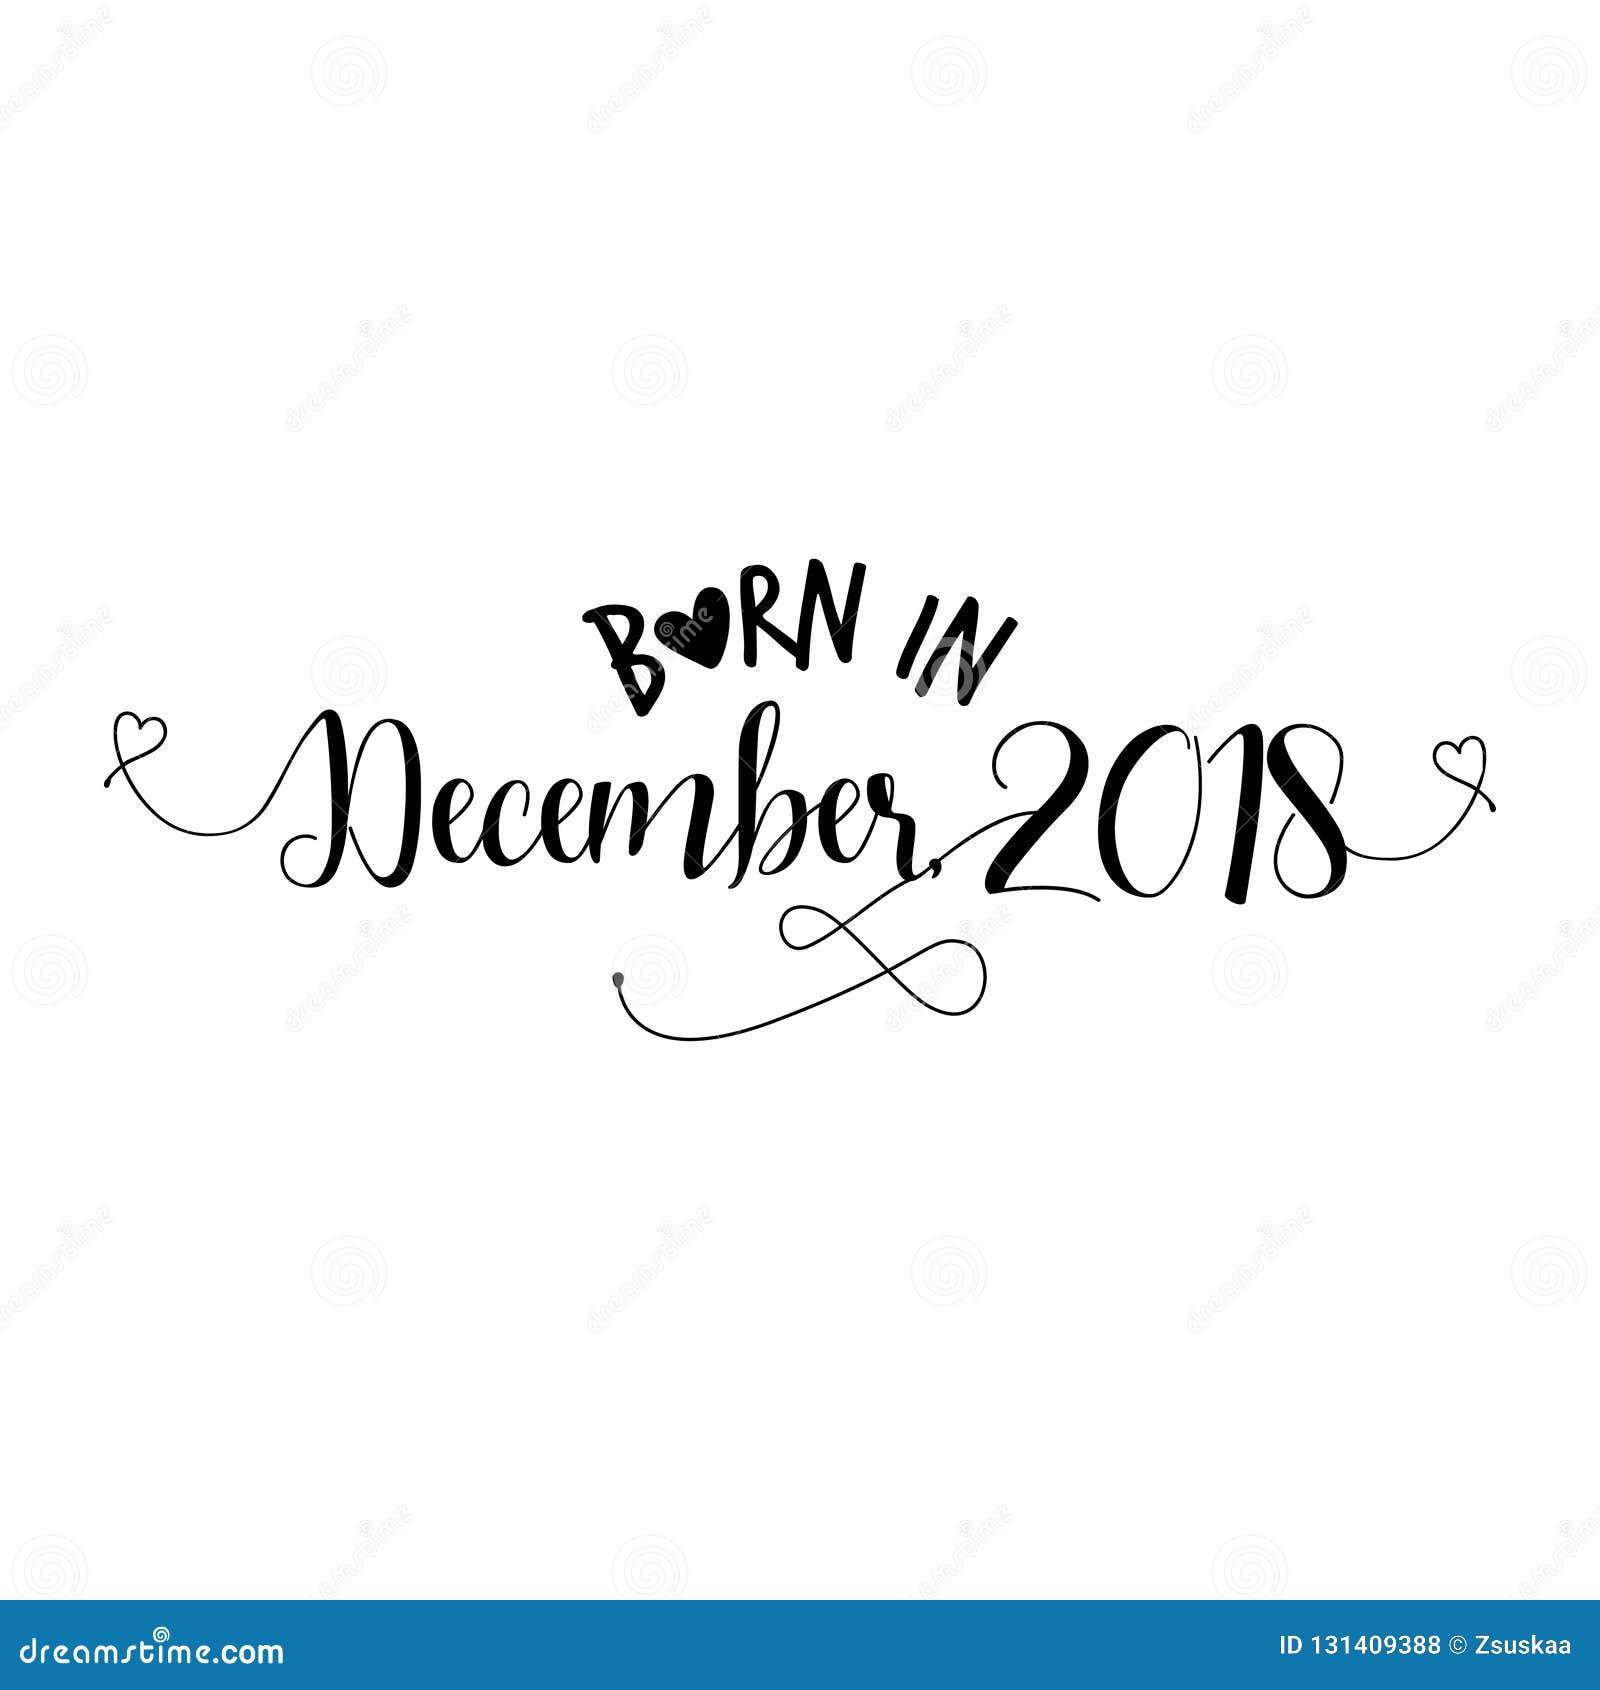 Born in December 2018 - Nursery vector illustration.